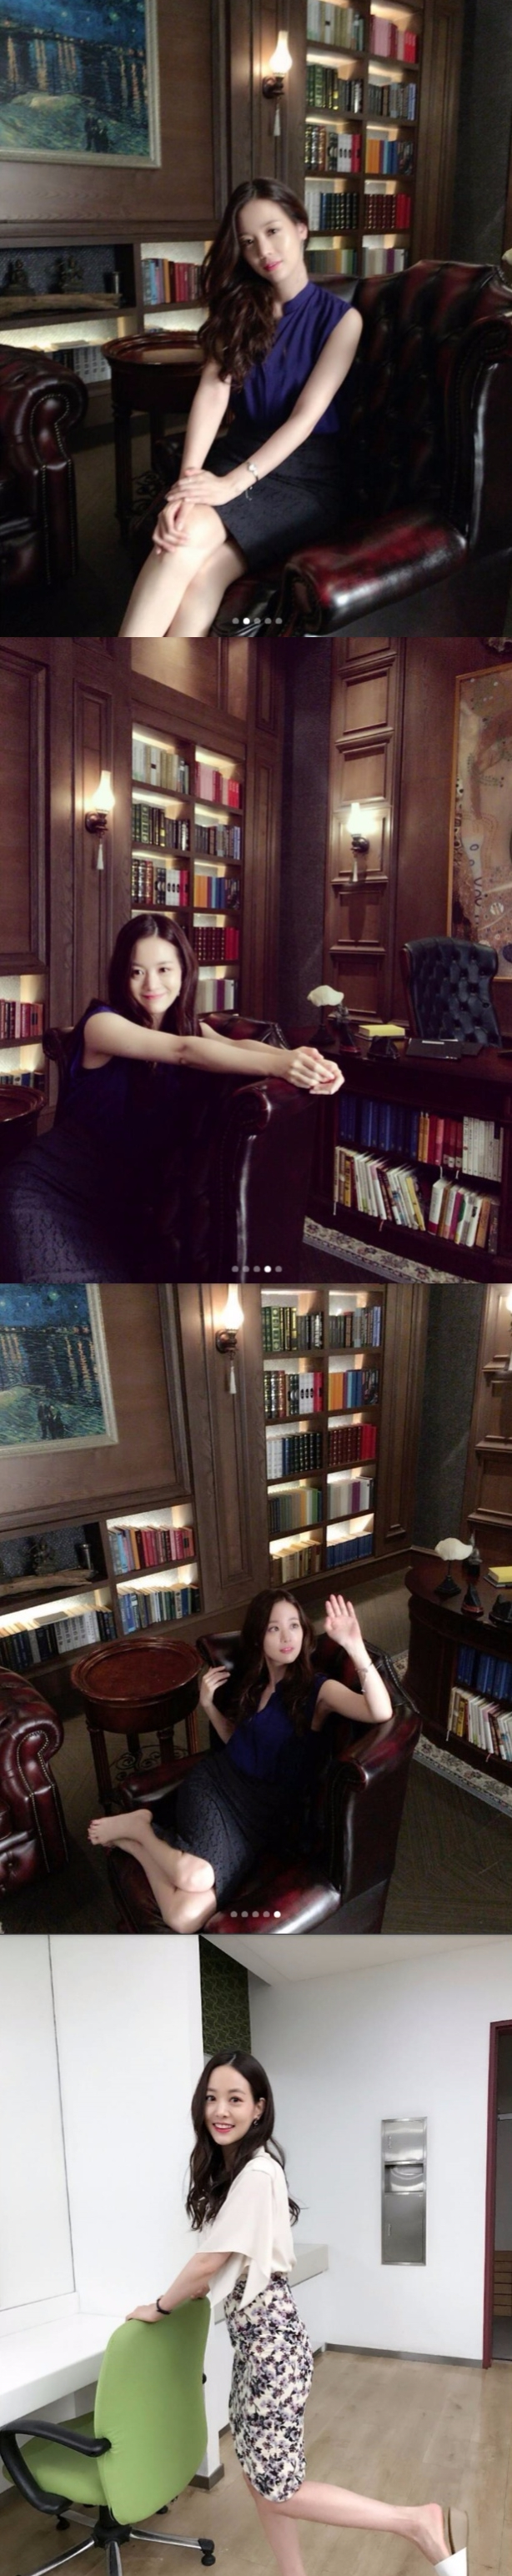 SBS 주말드라마 '언니는 살아있다'에서 구세경으로 열연중인 손여은이 13일 SNS에 비하인드 컷을 방출해 극 전개에 대한 궁금증을 자아냈다. 사진=손여은 인스타그램 캡처